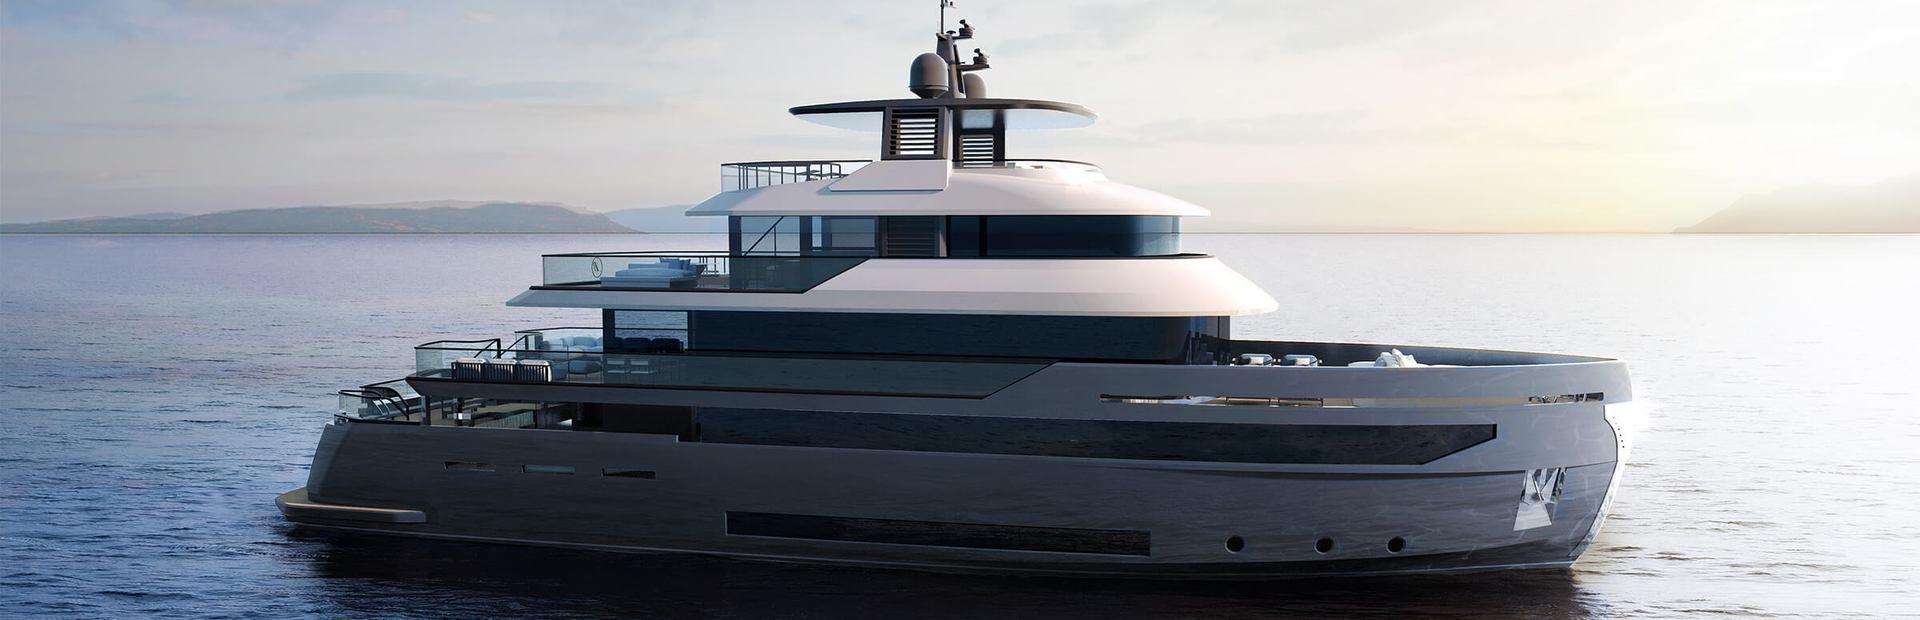 B.Yond 37M Yacht Charter